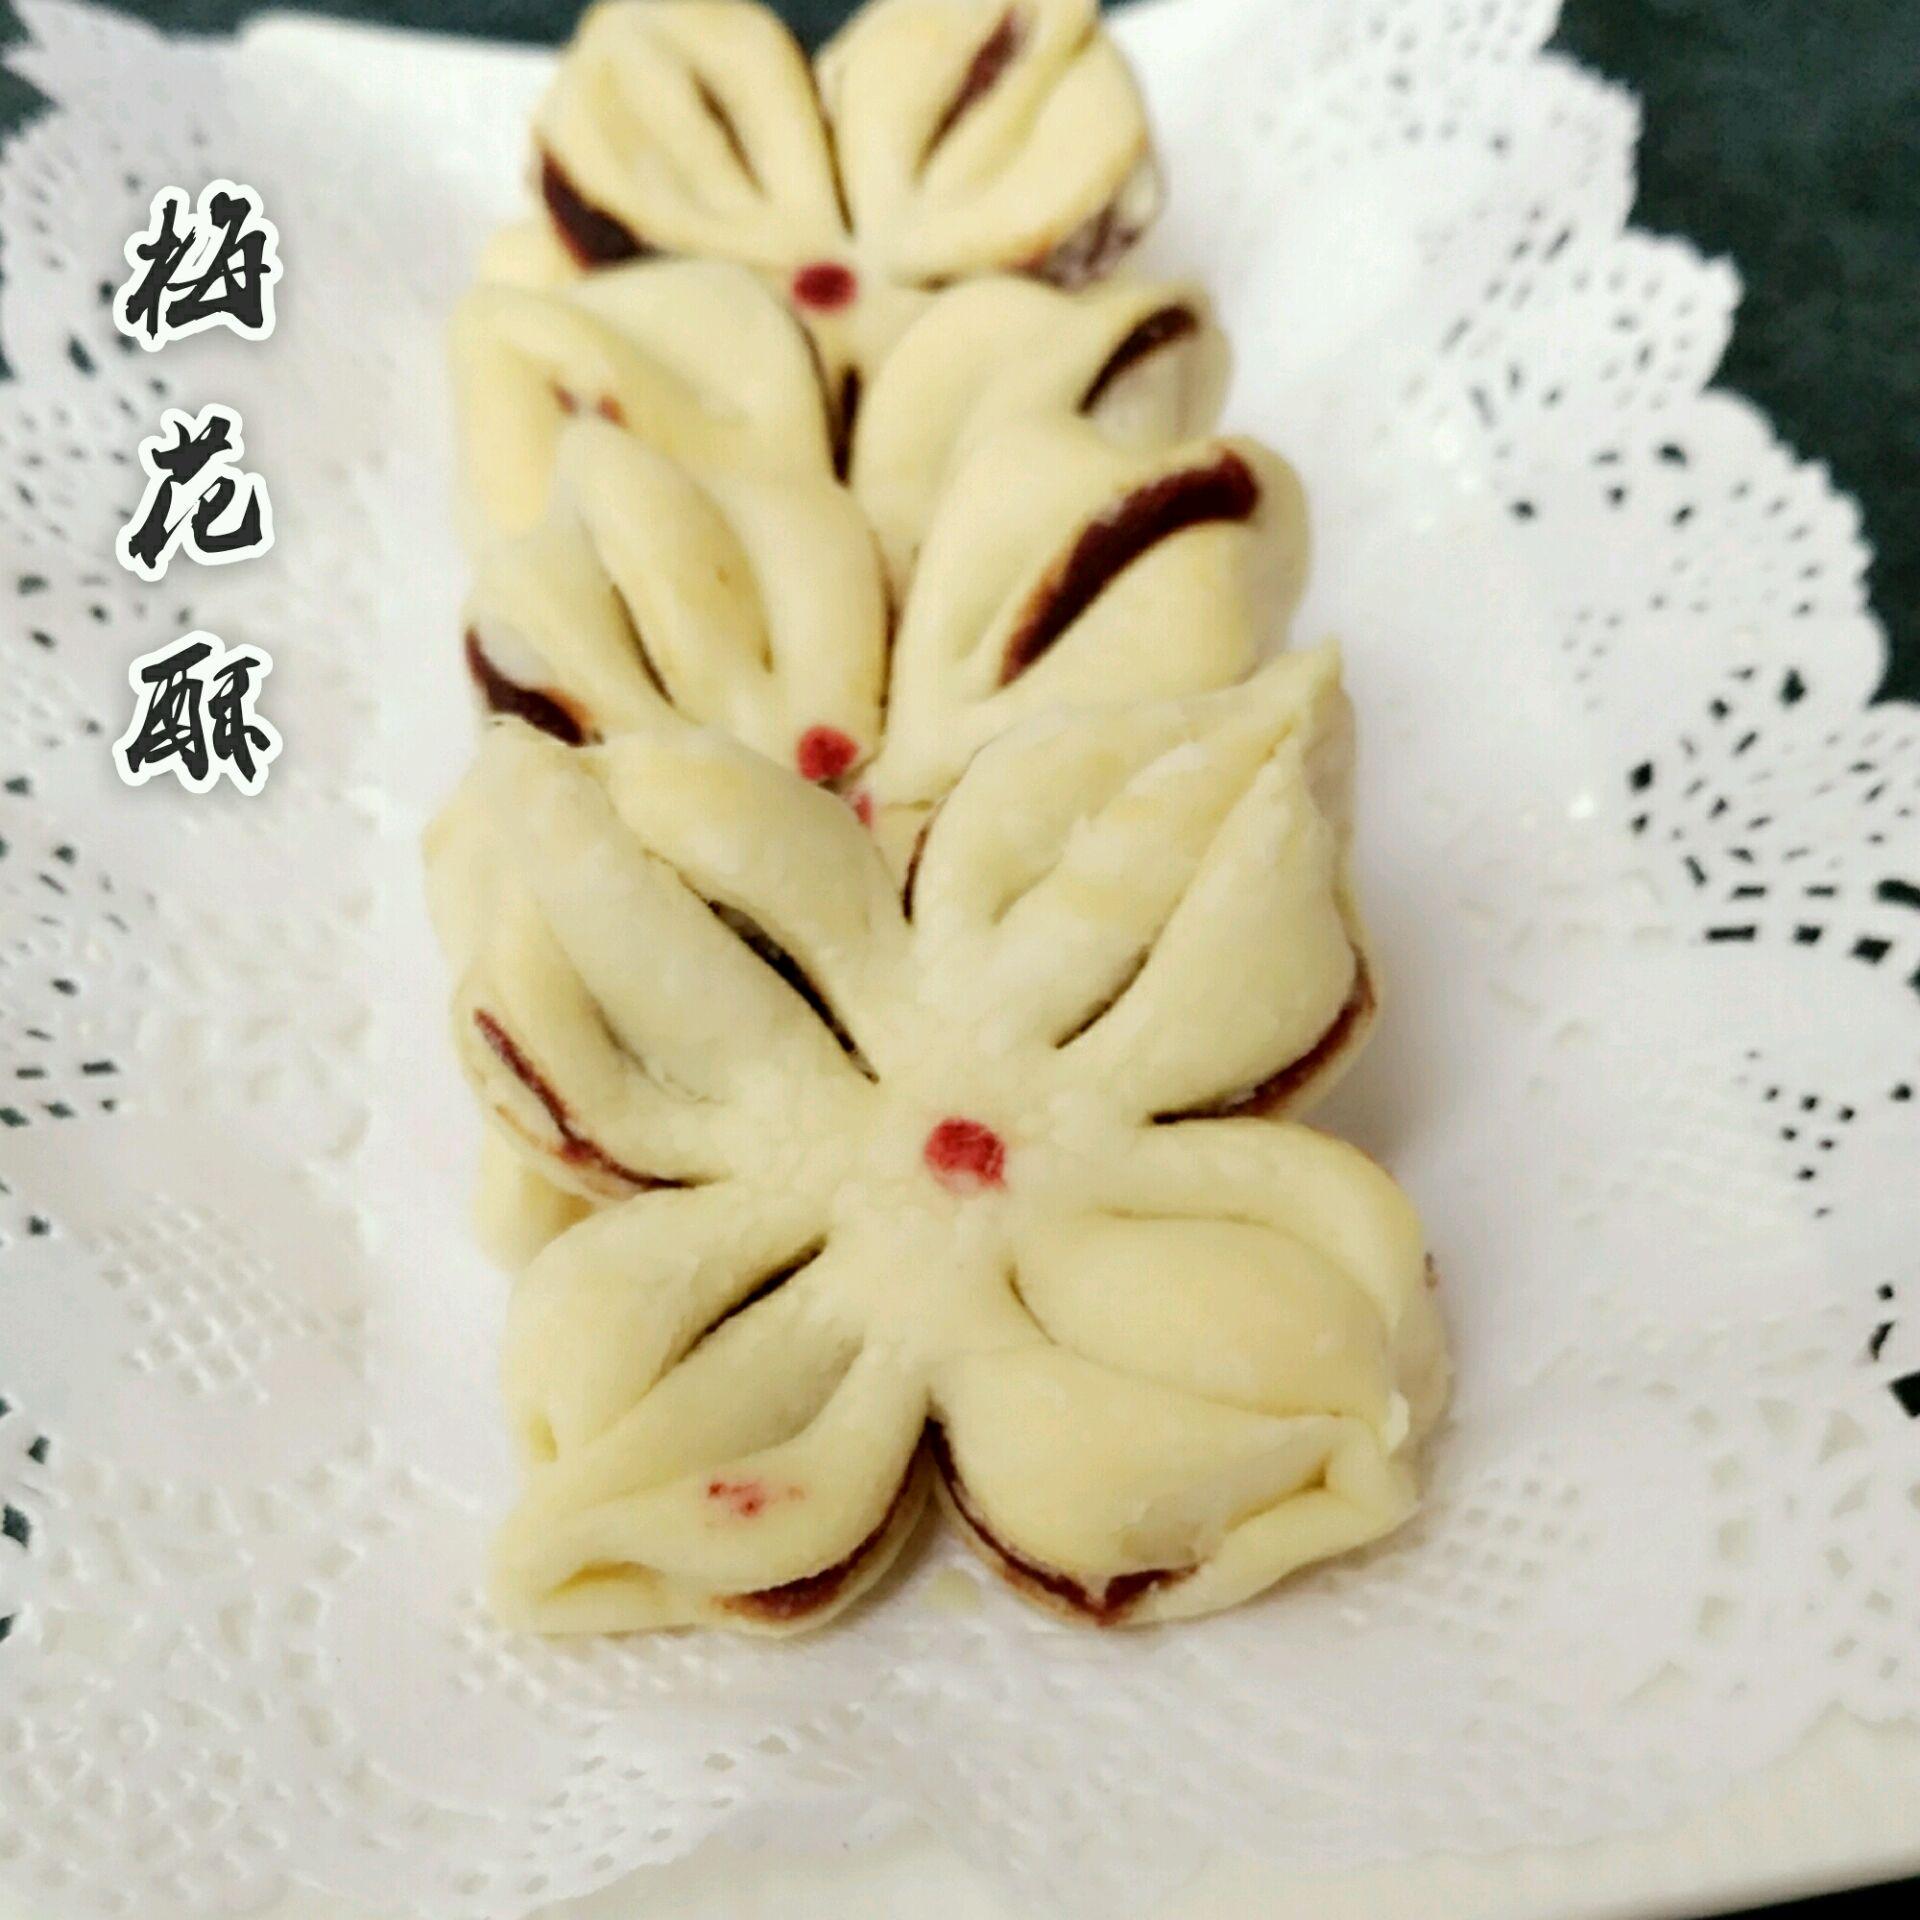 中式点心-梅花酥图片